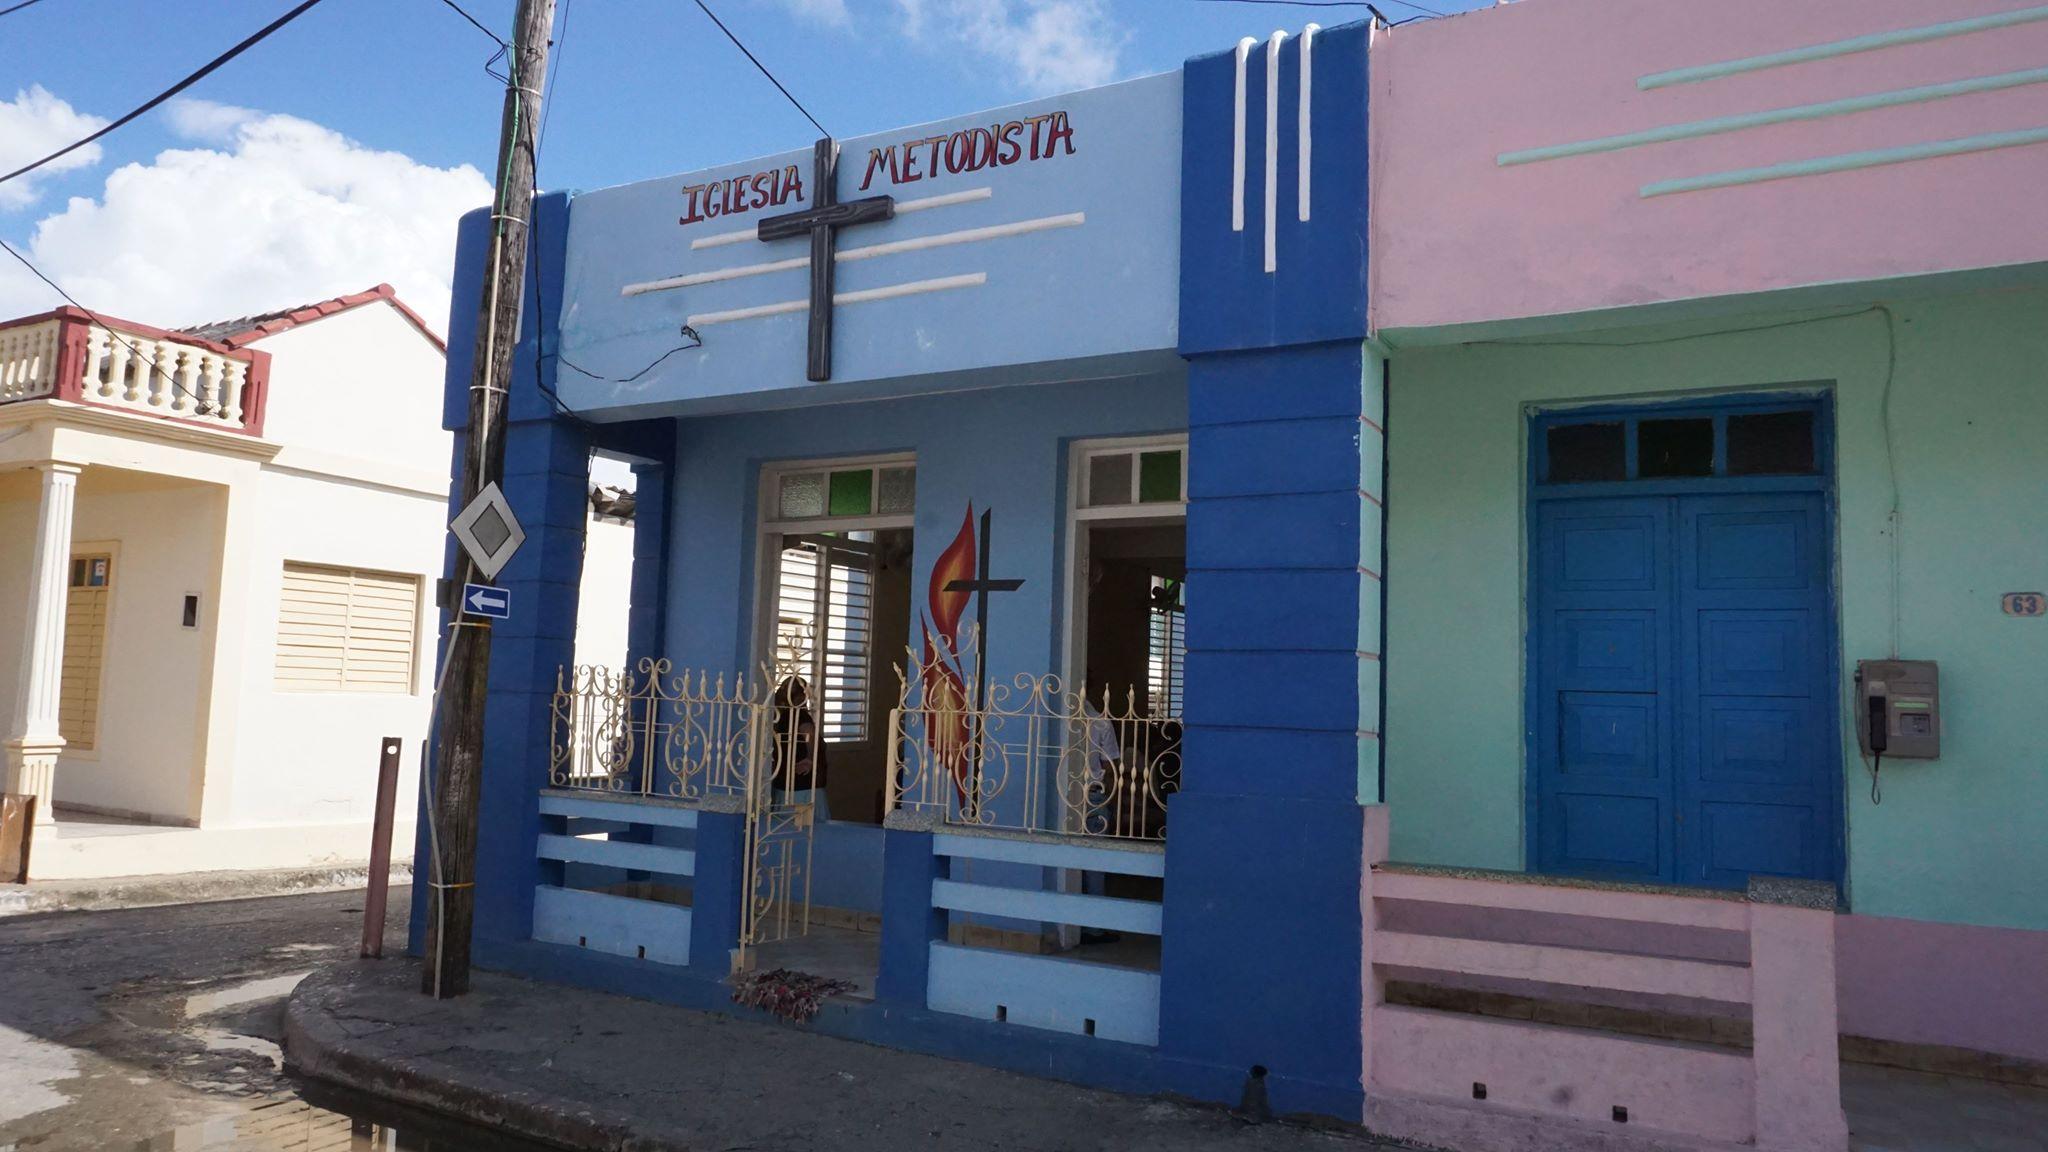 Kościół metodystyczny